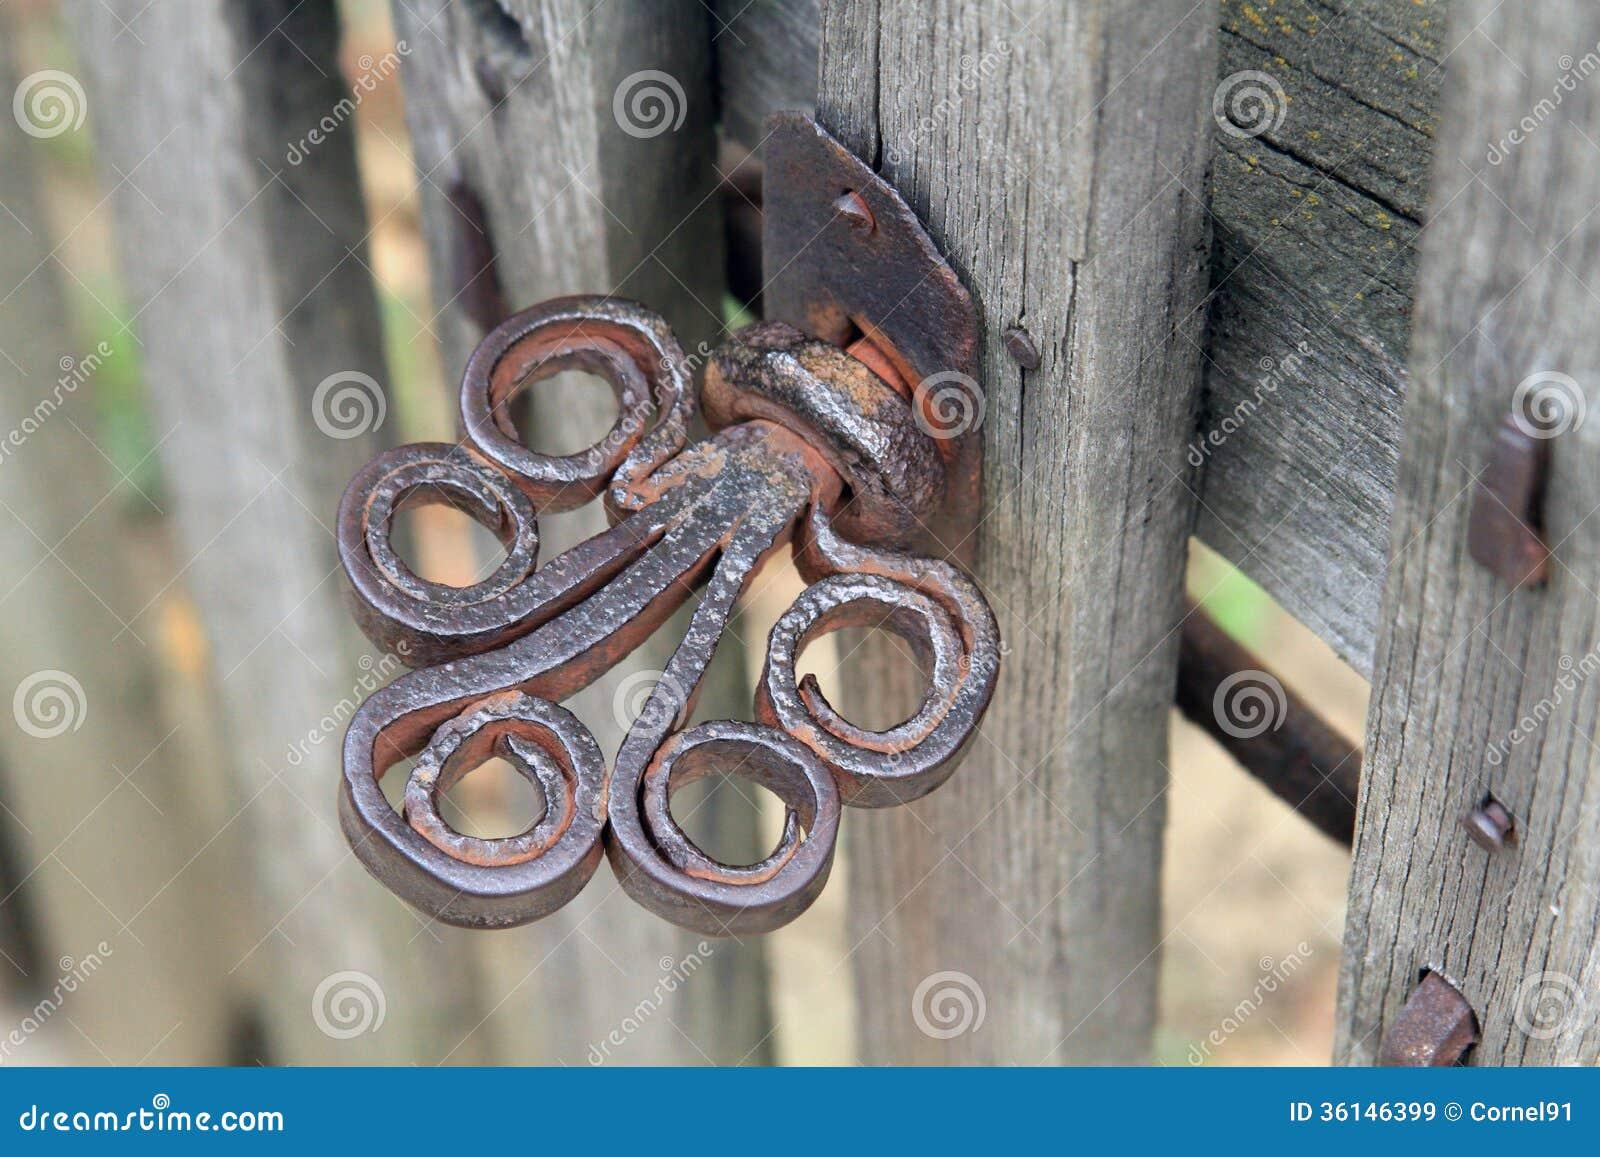 Iron Door Knob ieriecom